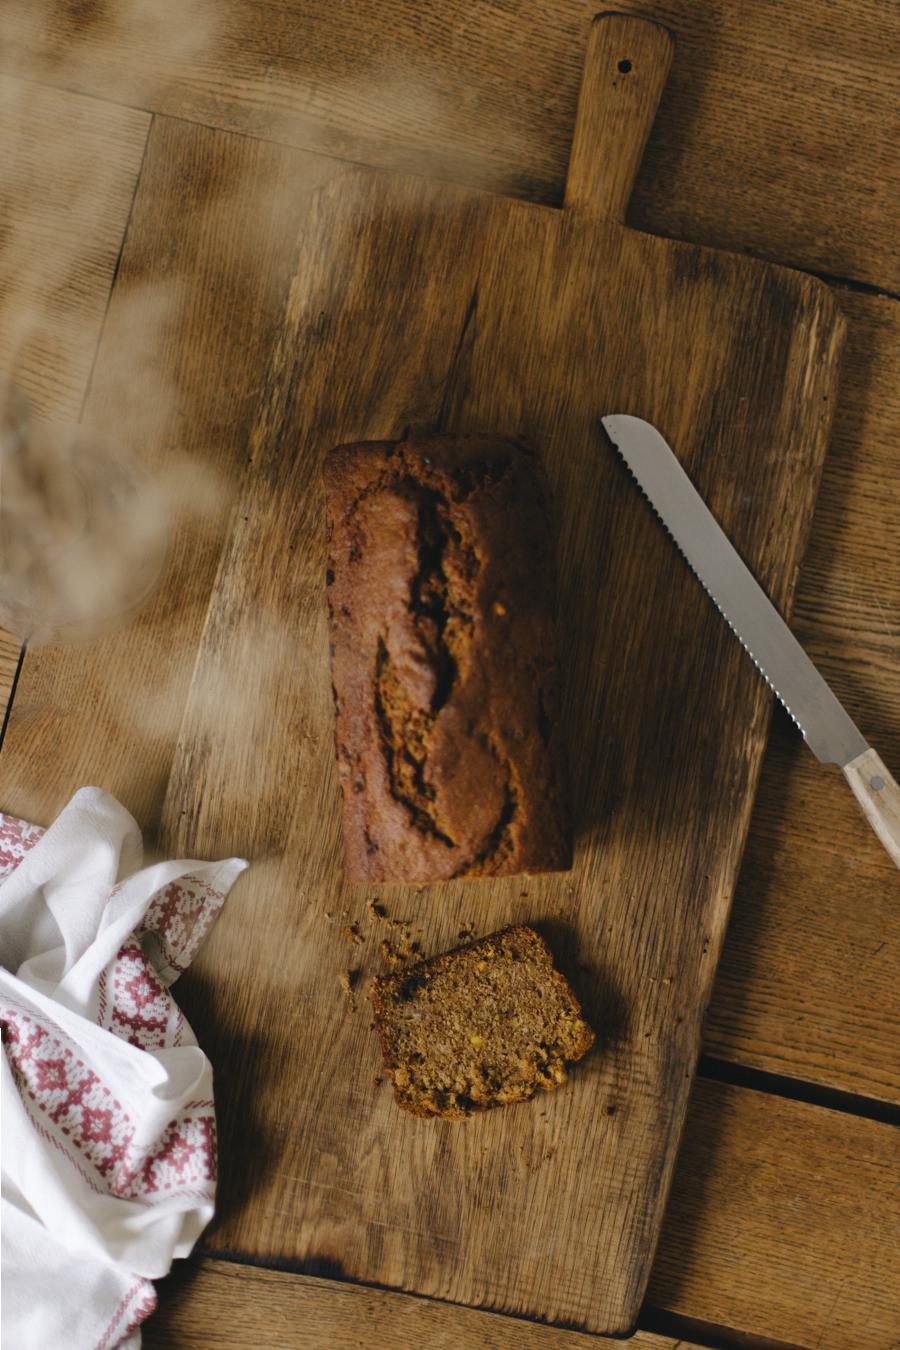 dark muscovado pistachio banana bread